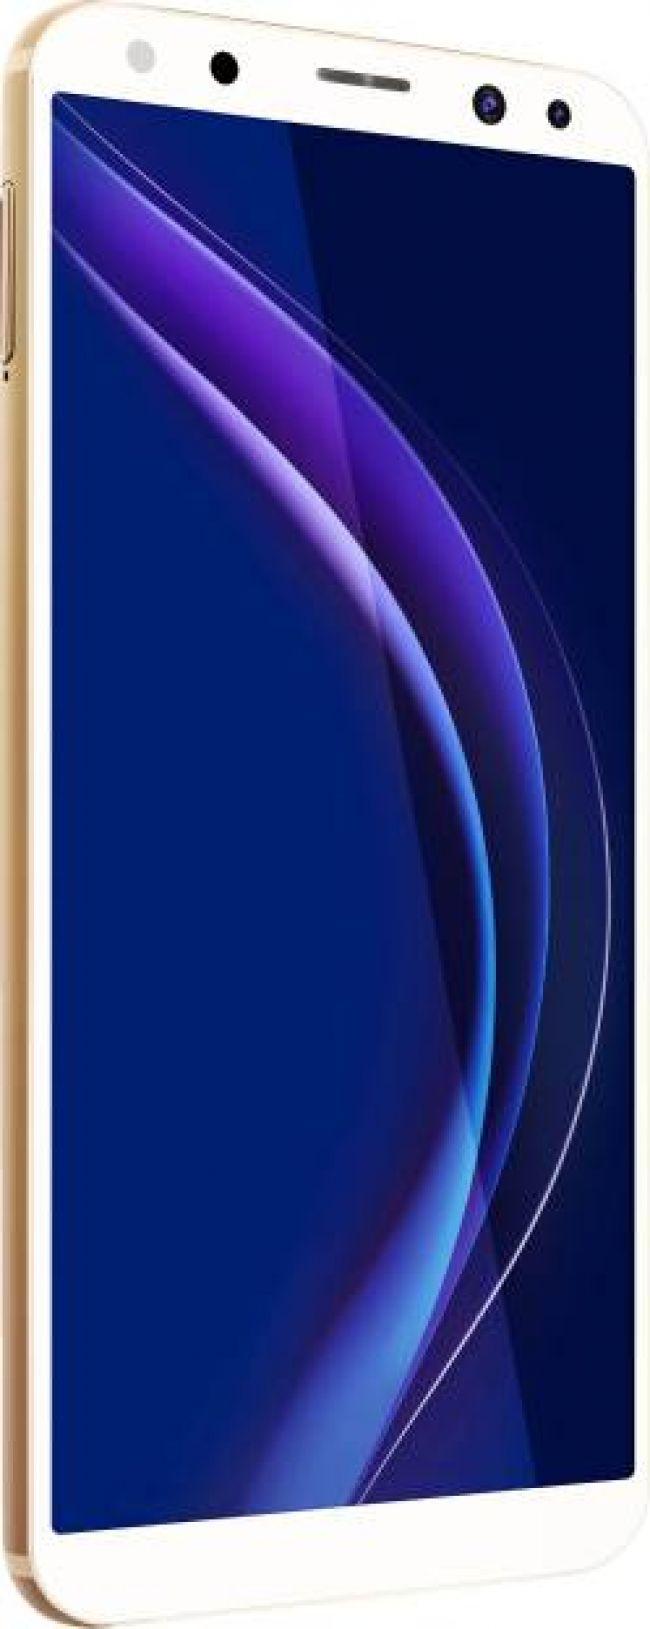 Цена на Huawei Honor 9i